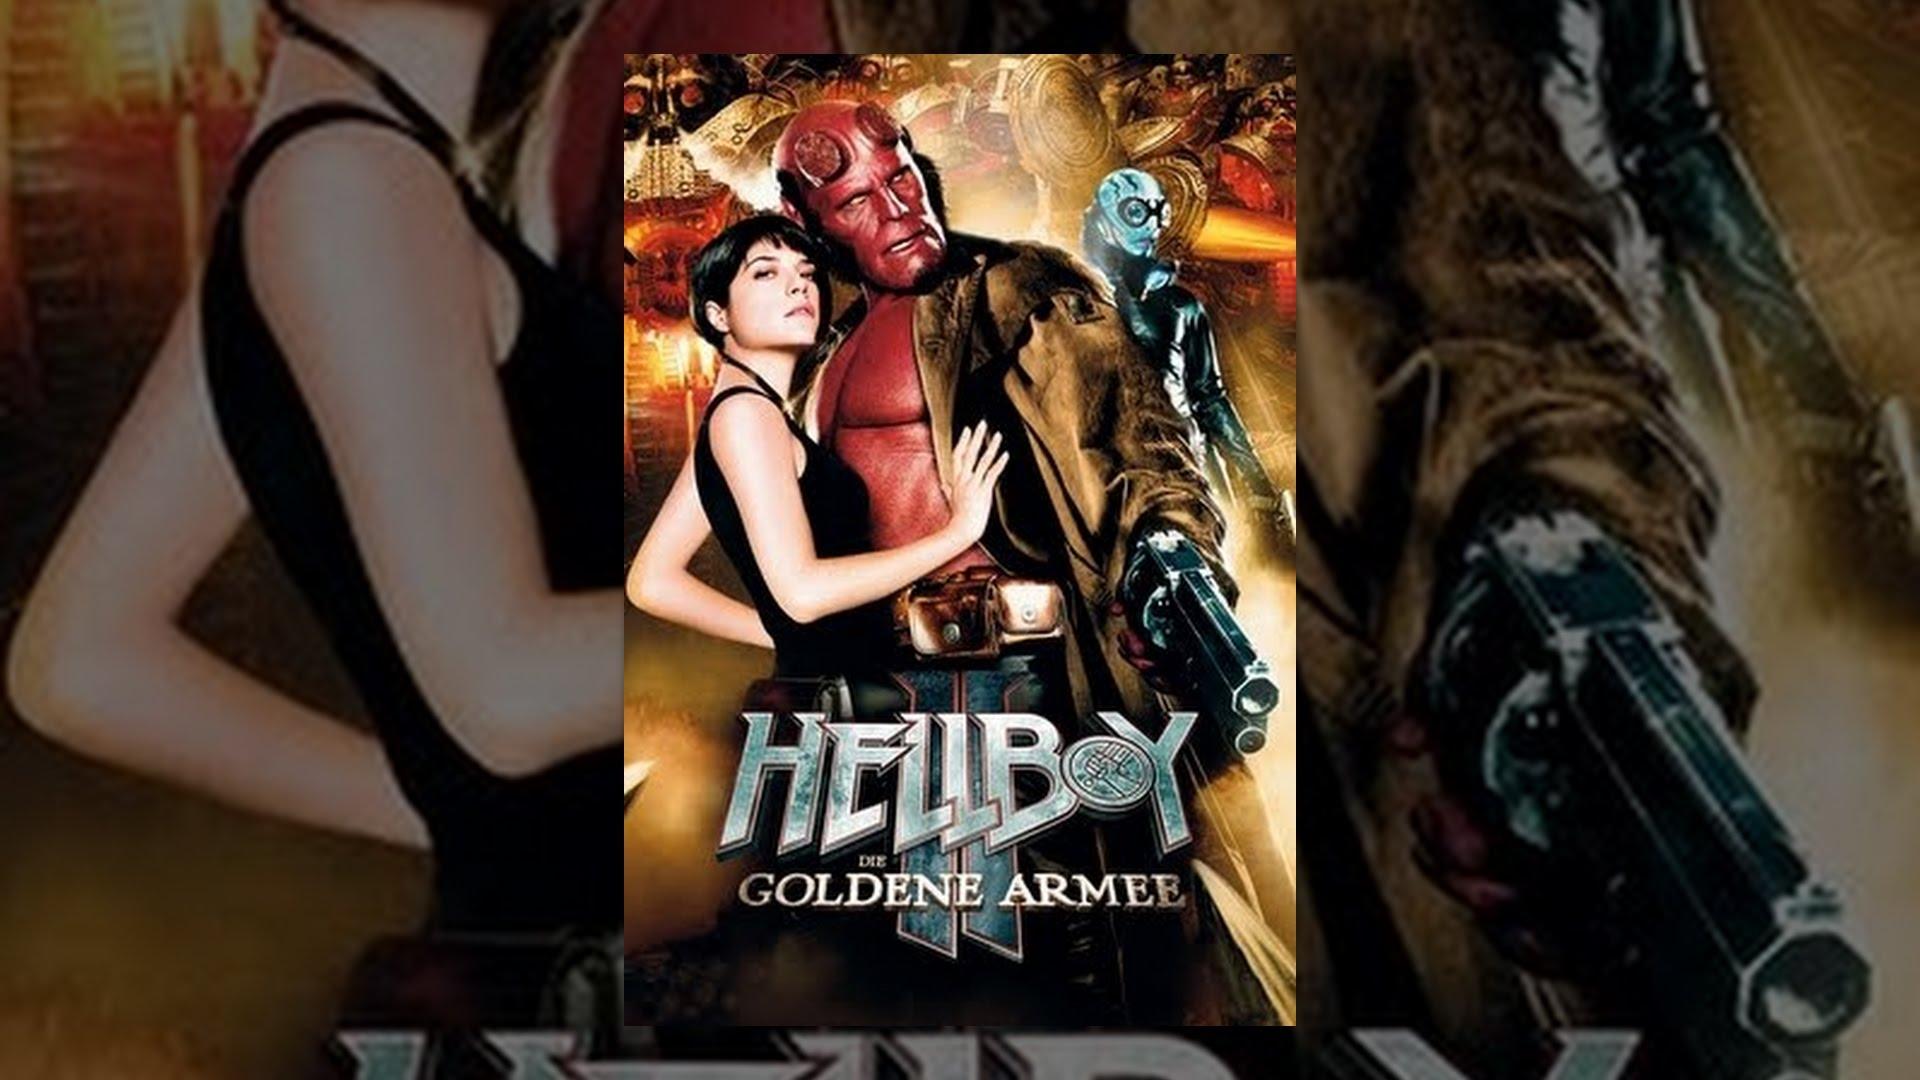 hellboy ii die goldene armee youtube. Black Bedroom Furniture Sets. Home Design Ideas